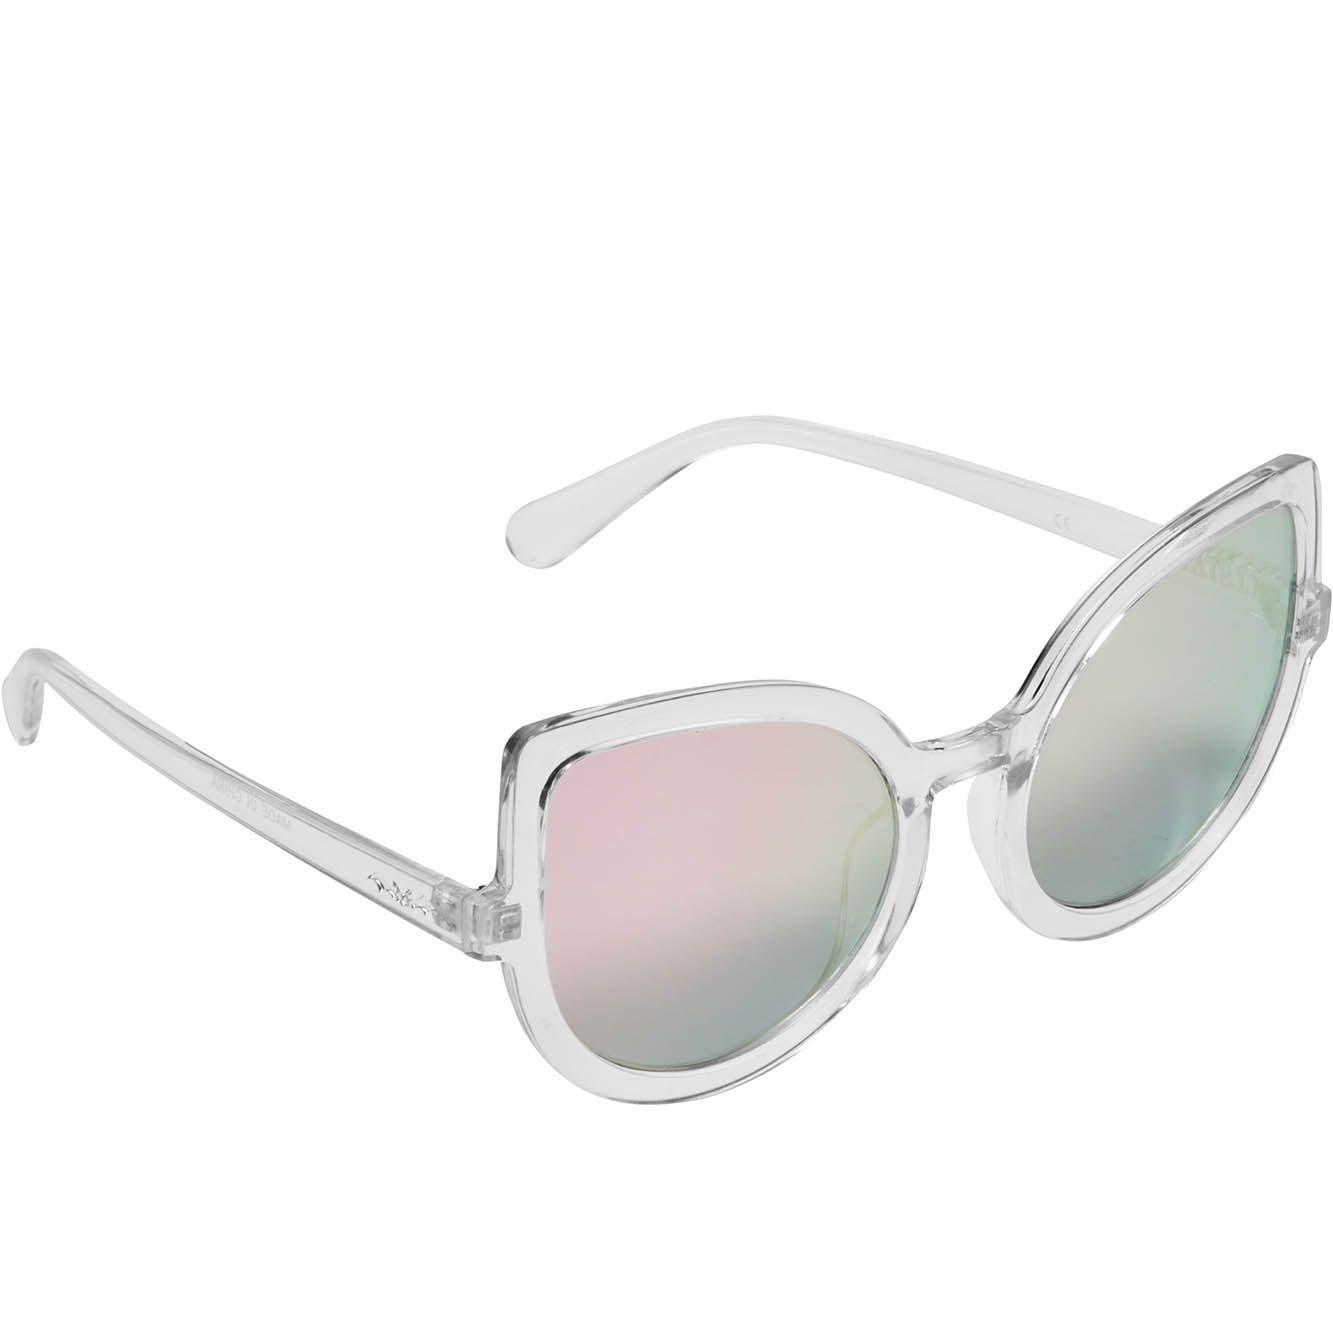 spacekitty_sunglasses